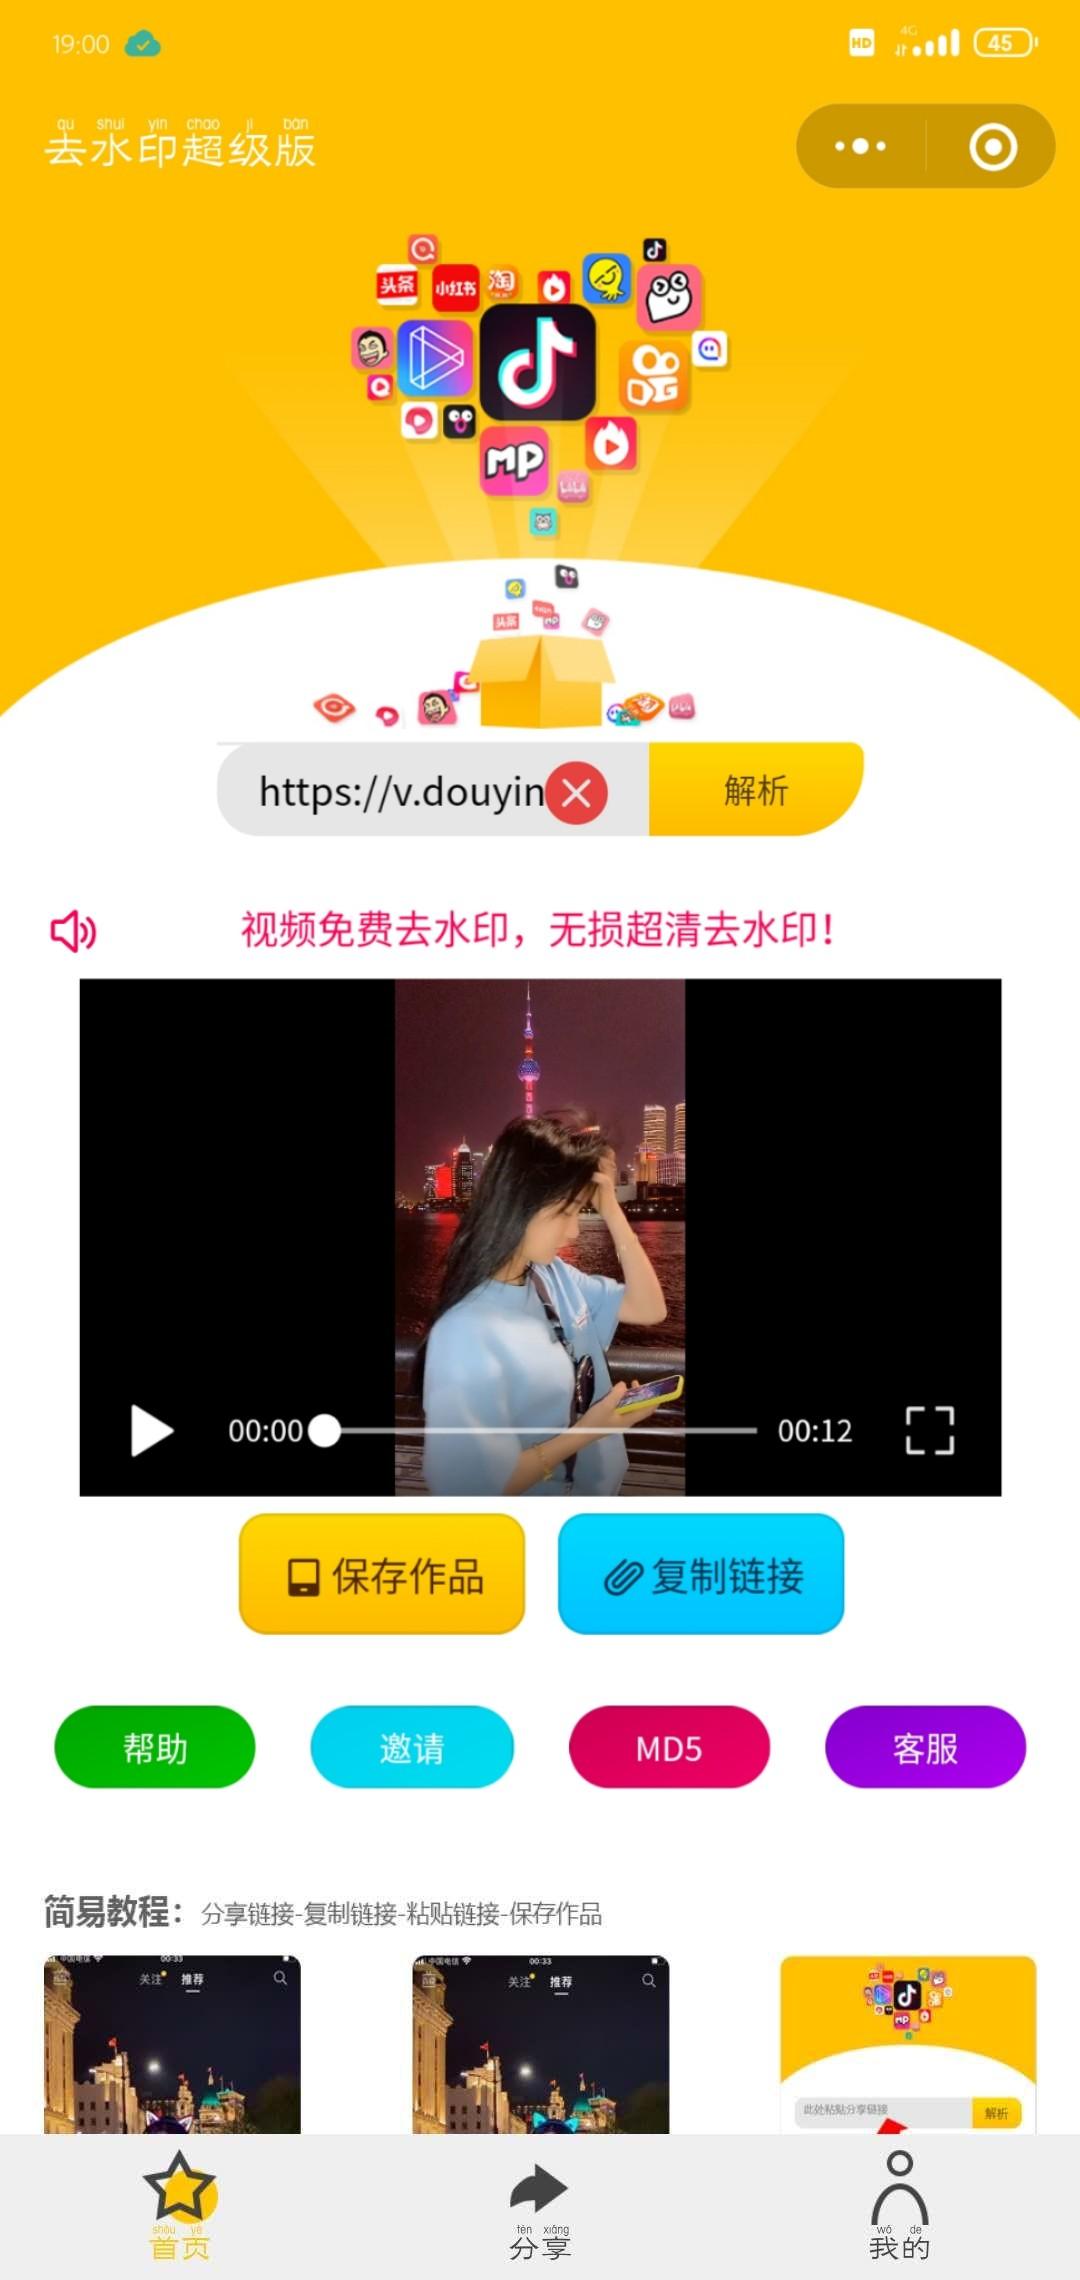 【小程序】全网视频免费去水印/无需下载app/简单操作/页面简洁